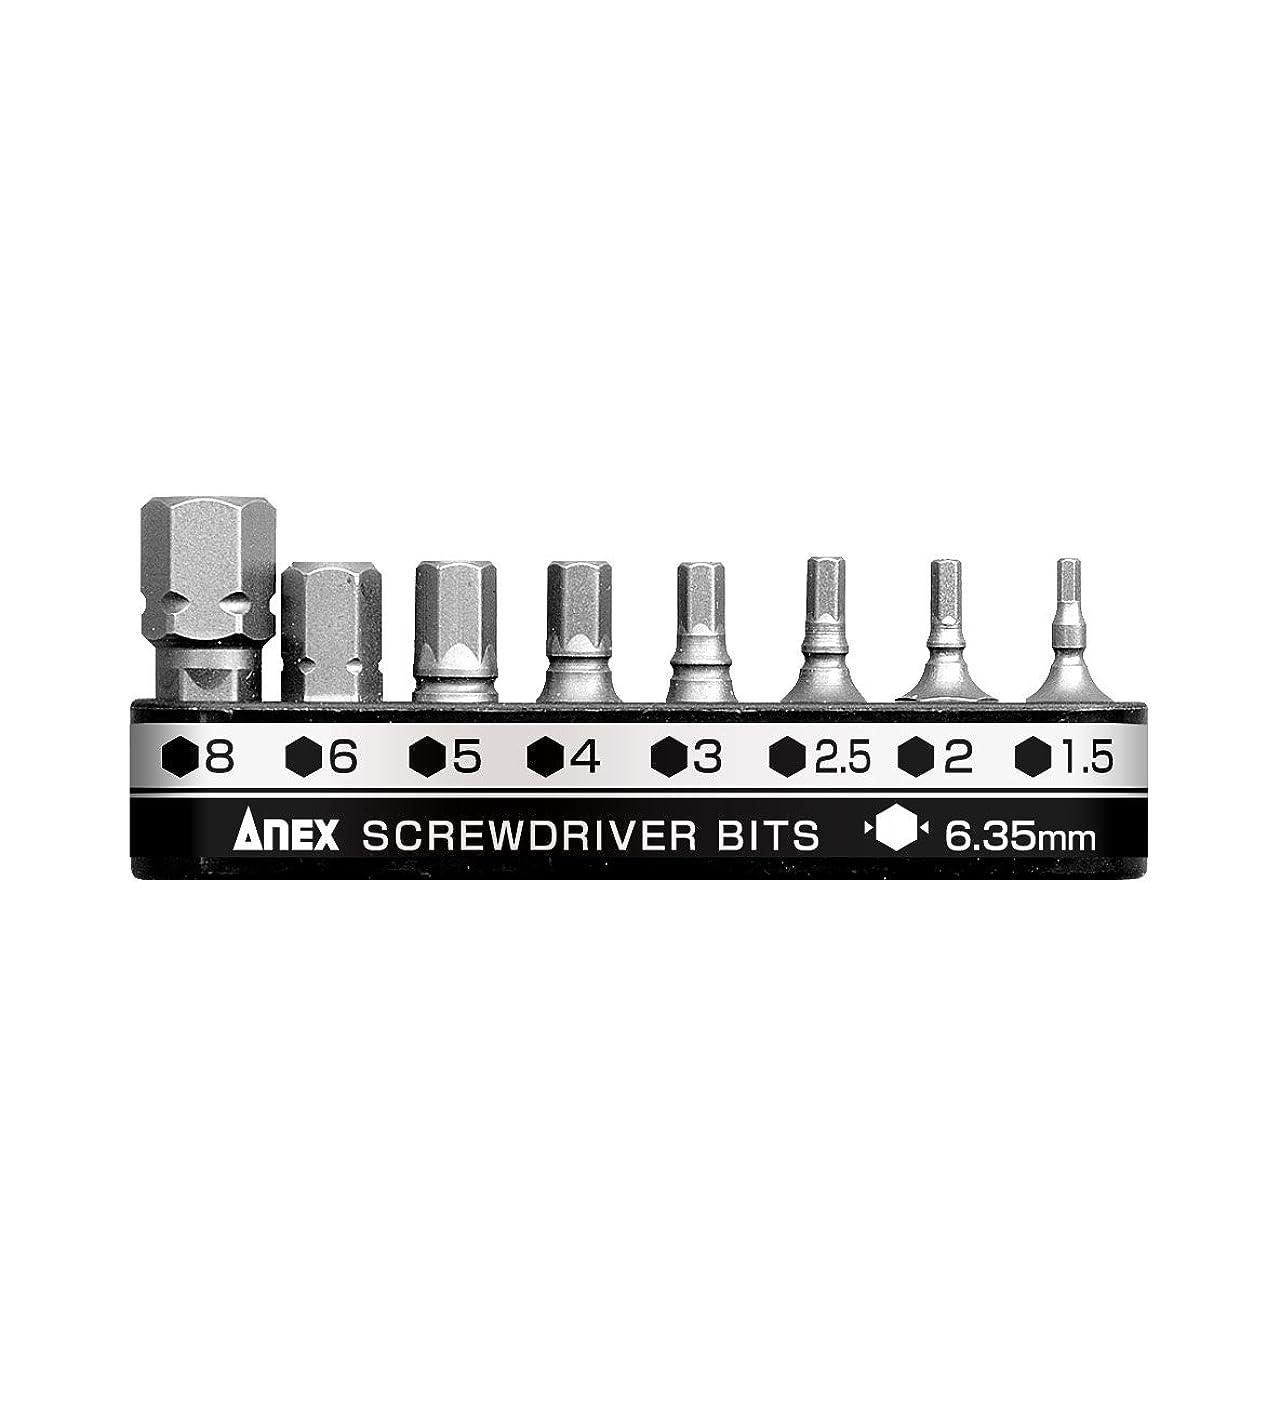 花嫁熱心前兆アネックス(ANEX) 溝付超短ビット 六角レンチ ビットセット 8本組 AK51P-B8H1